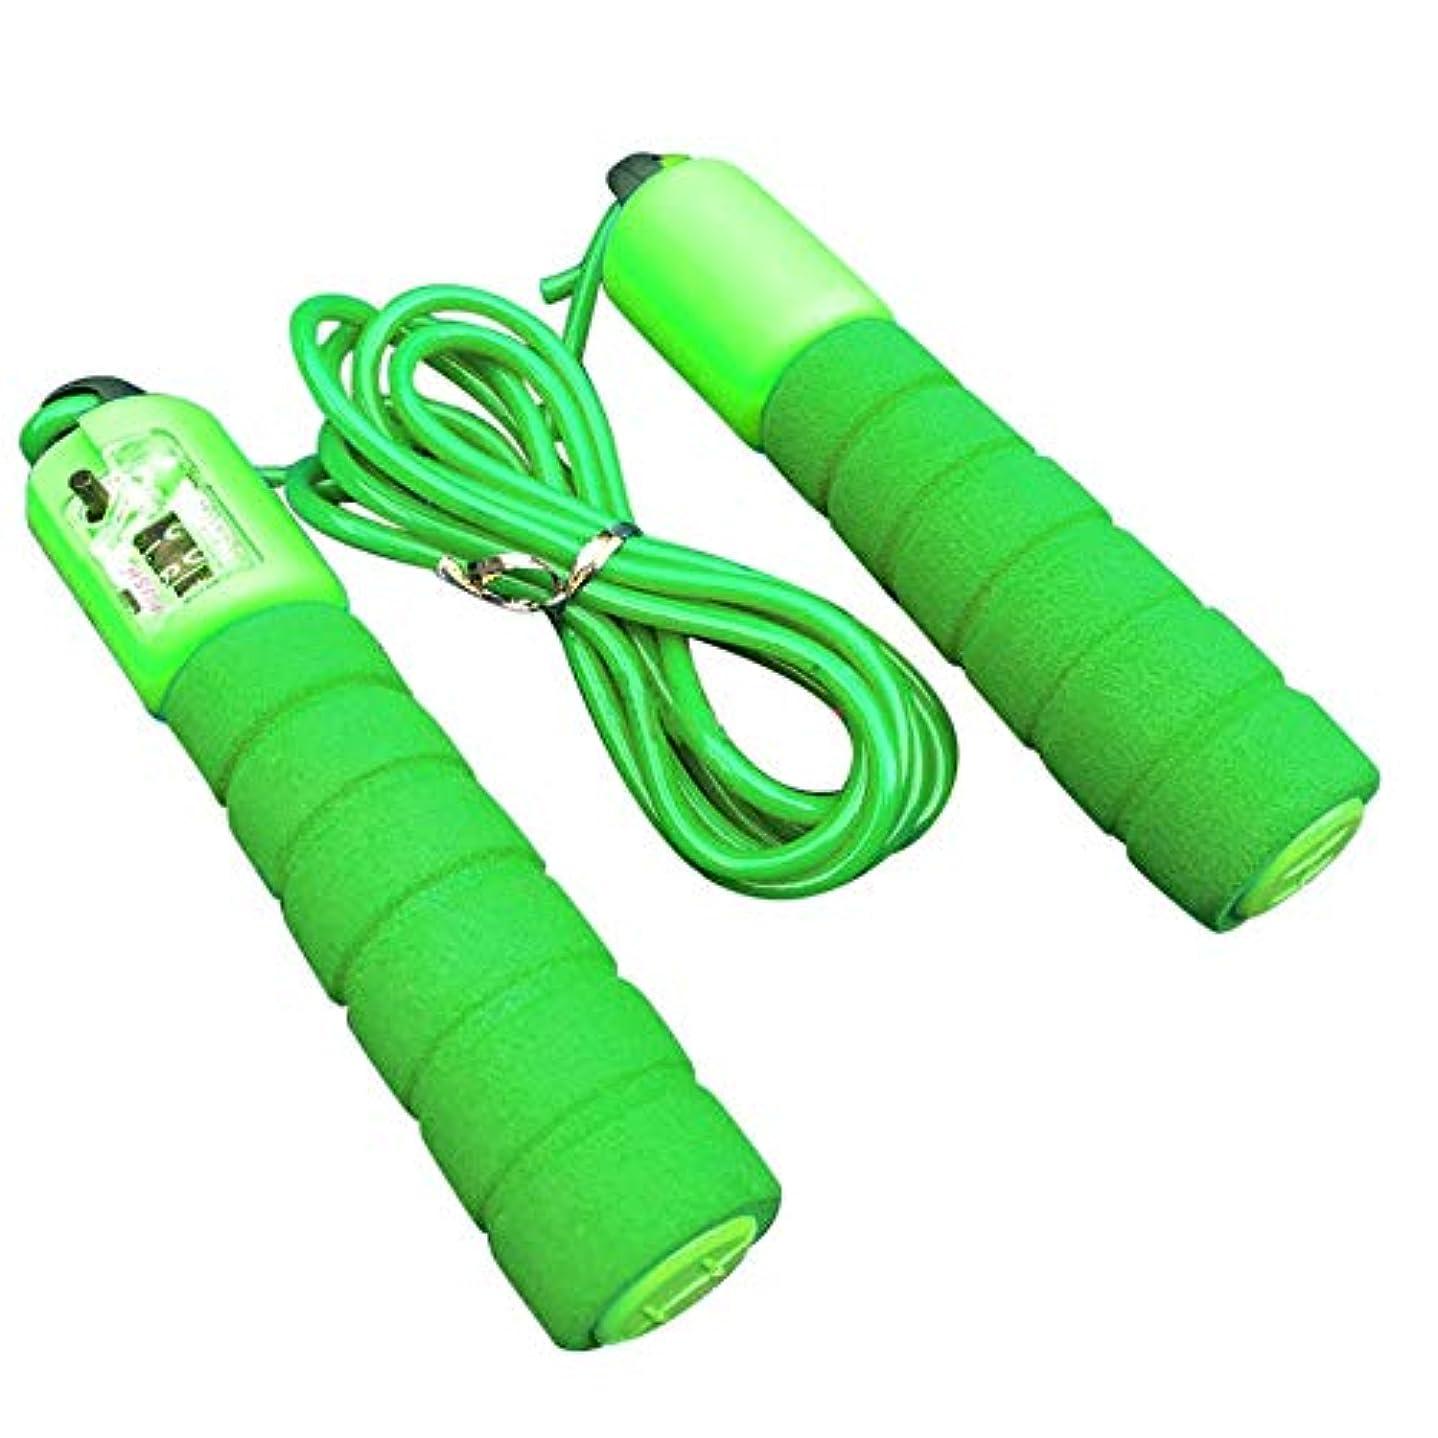 環境保護主義者かまど内向き調節可能なプロフェッショナルカウント縄跳び自動カウントジャンプロープフィットネス運動高速カウントジャンプロープ - グリーン